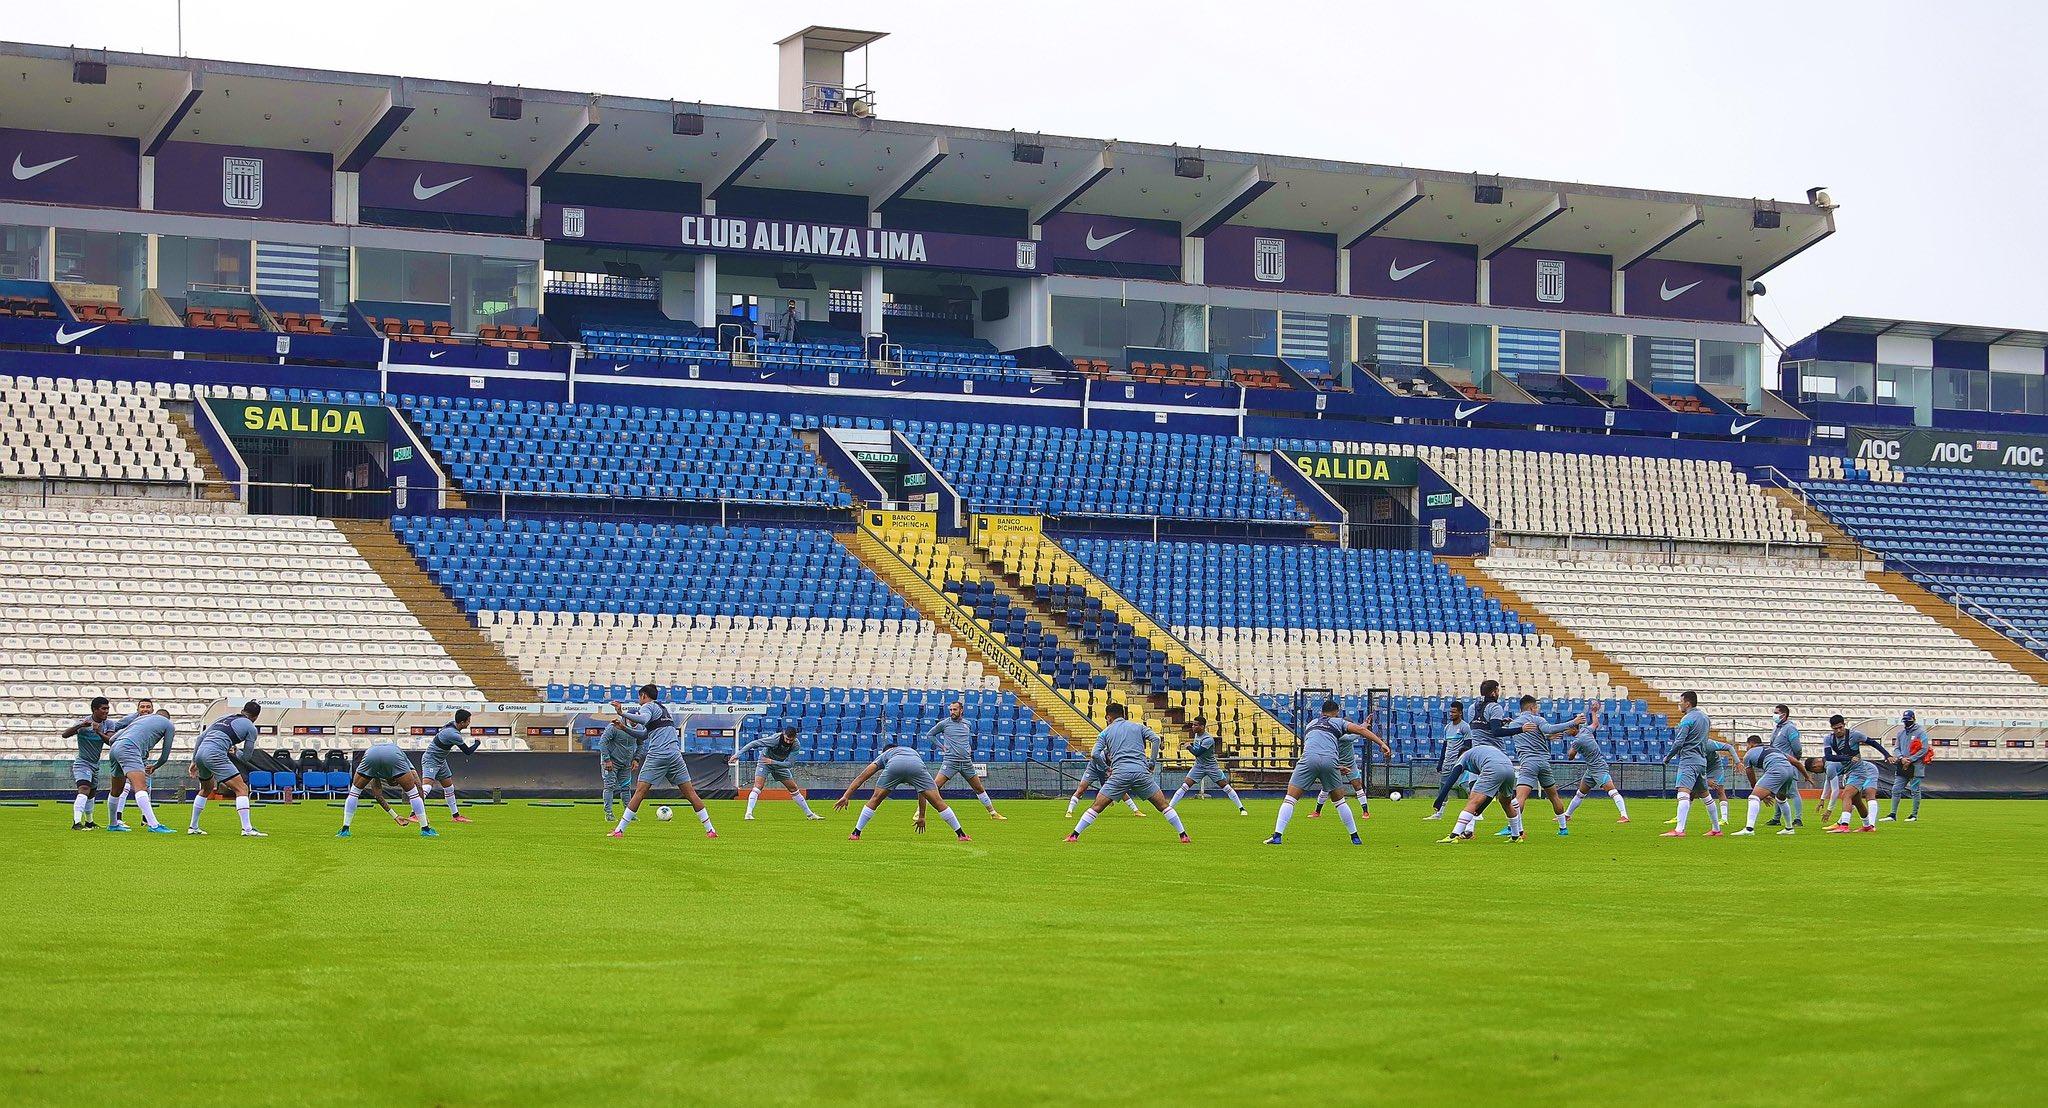 Todo listo para el debut de Alianza Lima en la 'Fase II'